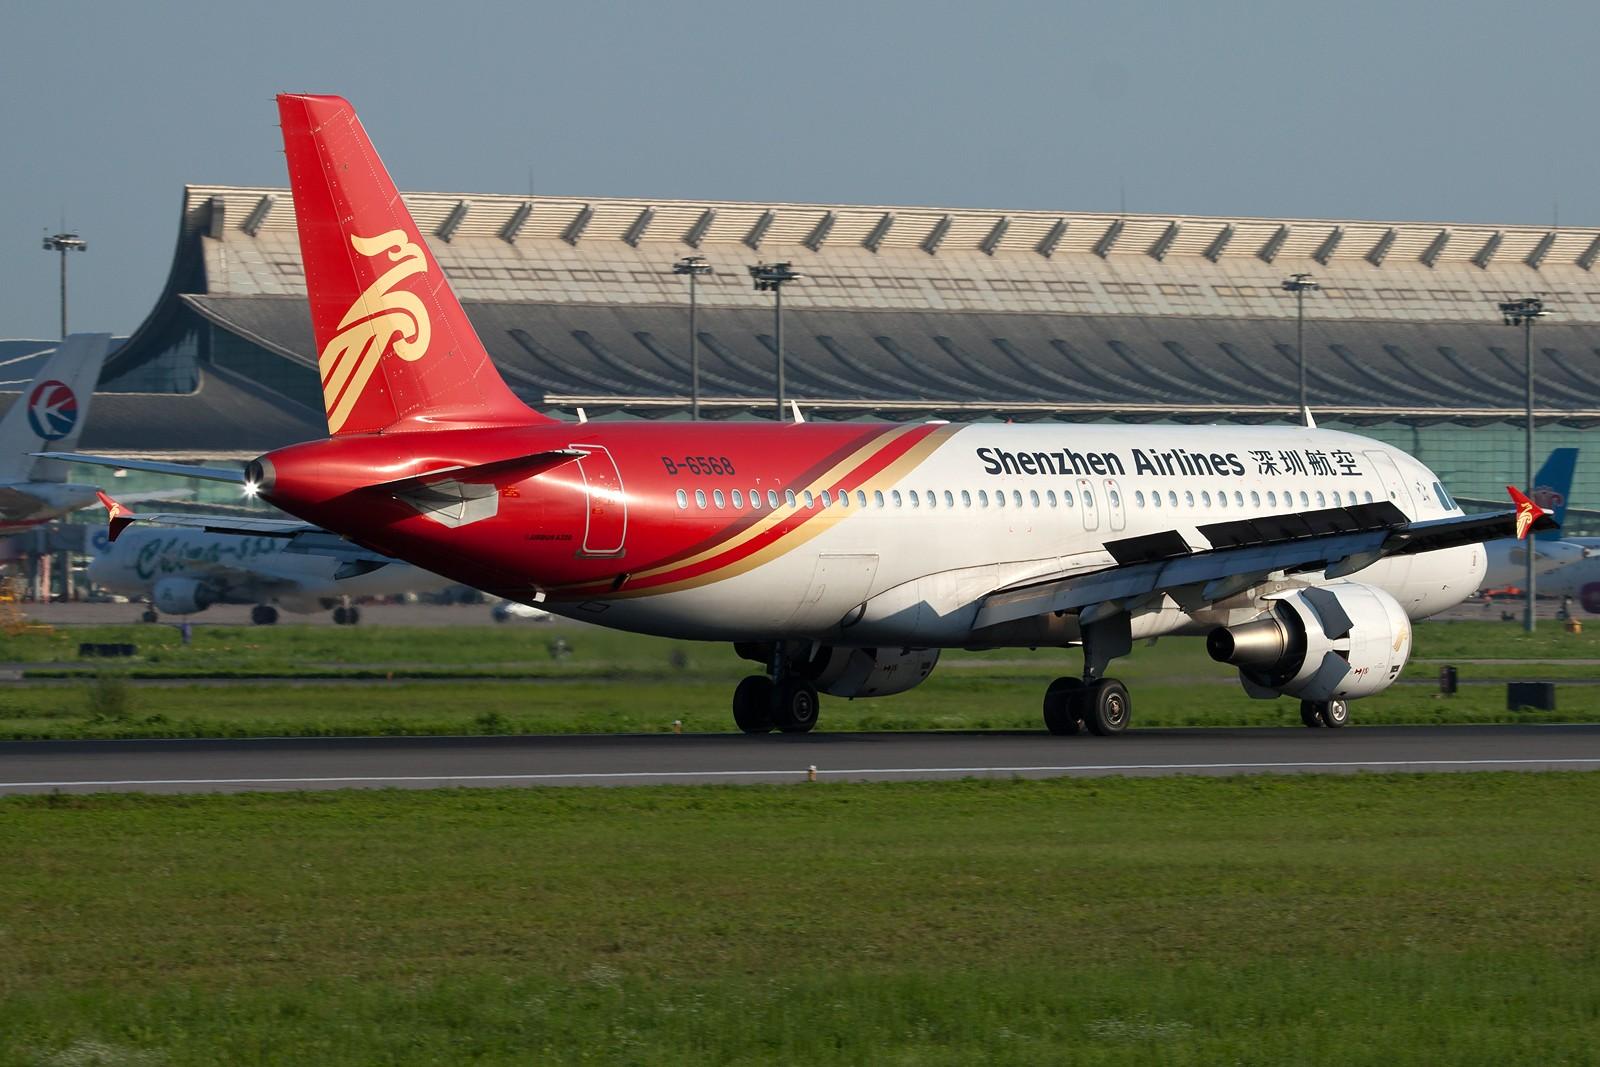 Re:[原创]沈阳桃仙国际机场 24号跑道 深圳航空一组 AIRBUS A320-200 B-6568 中国沈阳桃仙机场